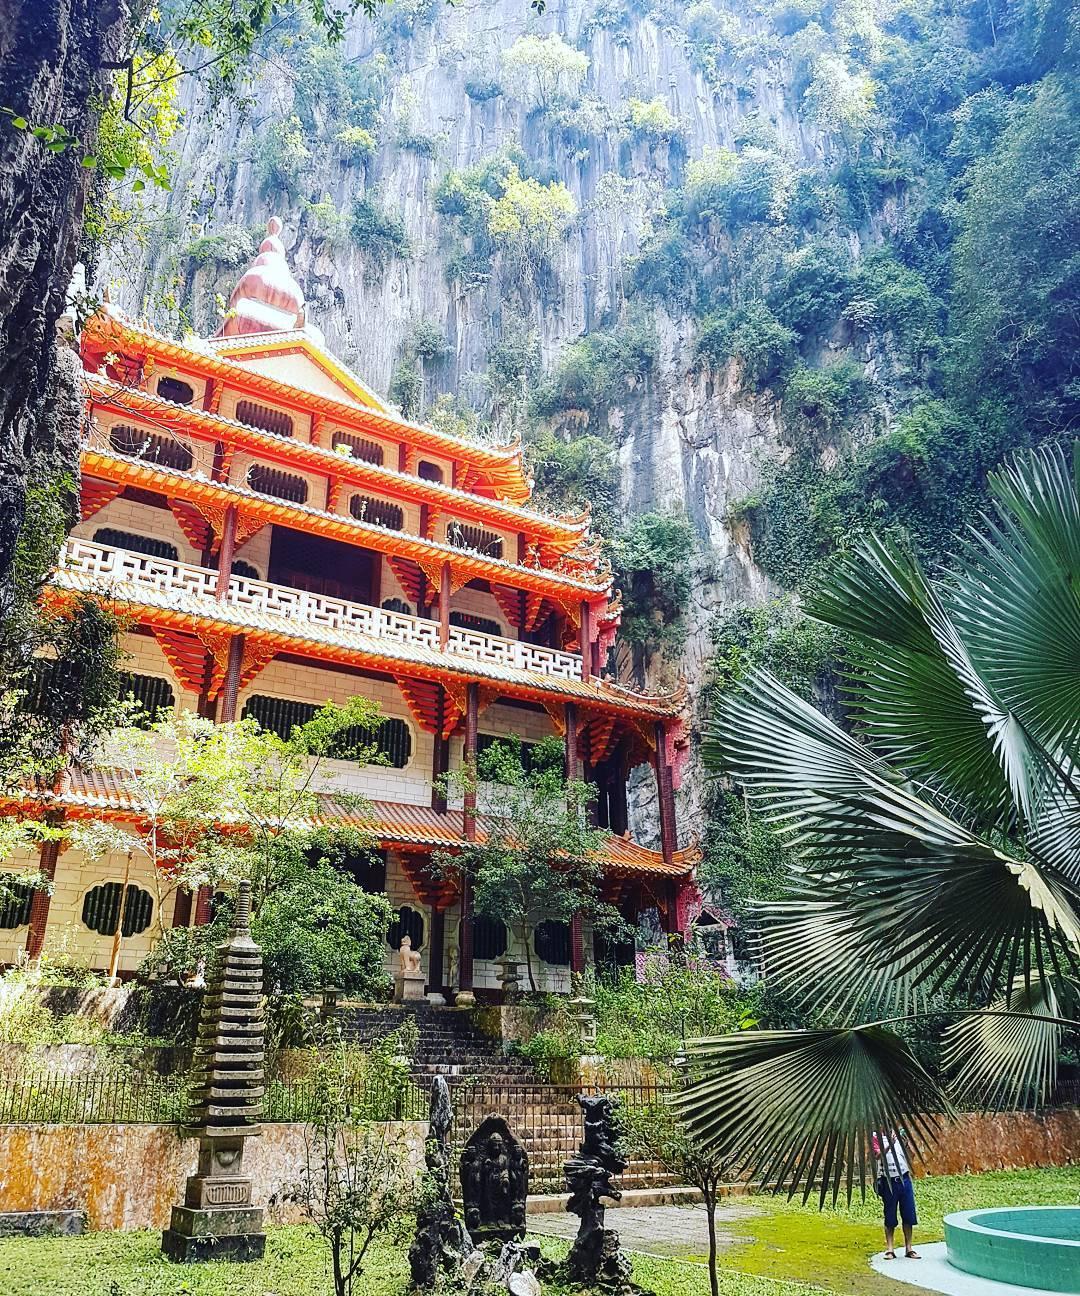 Sam Poh Tong, Malaysia